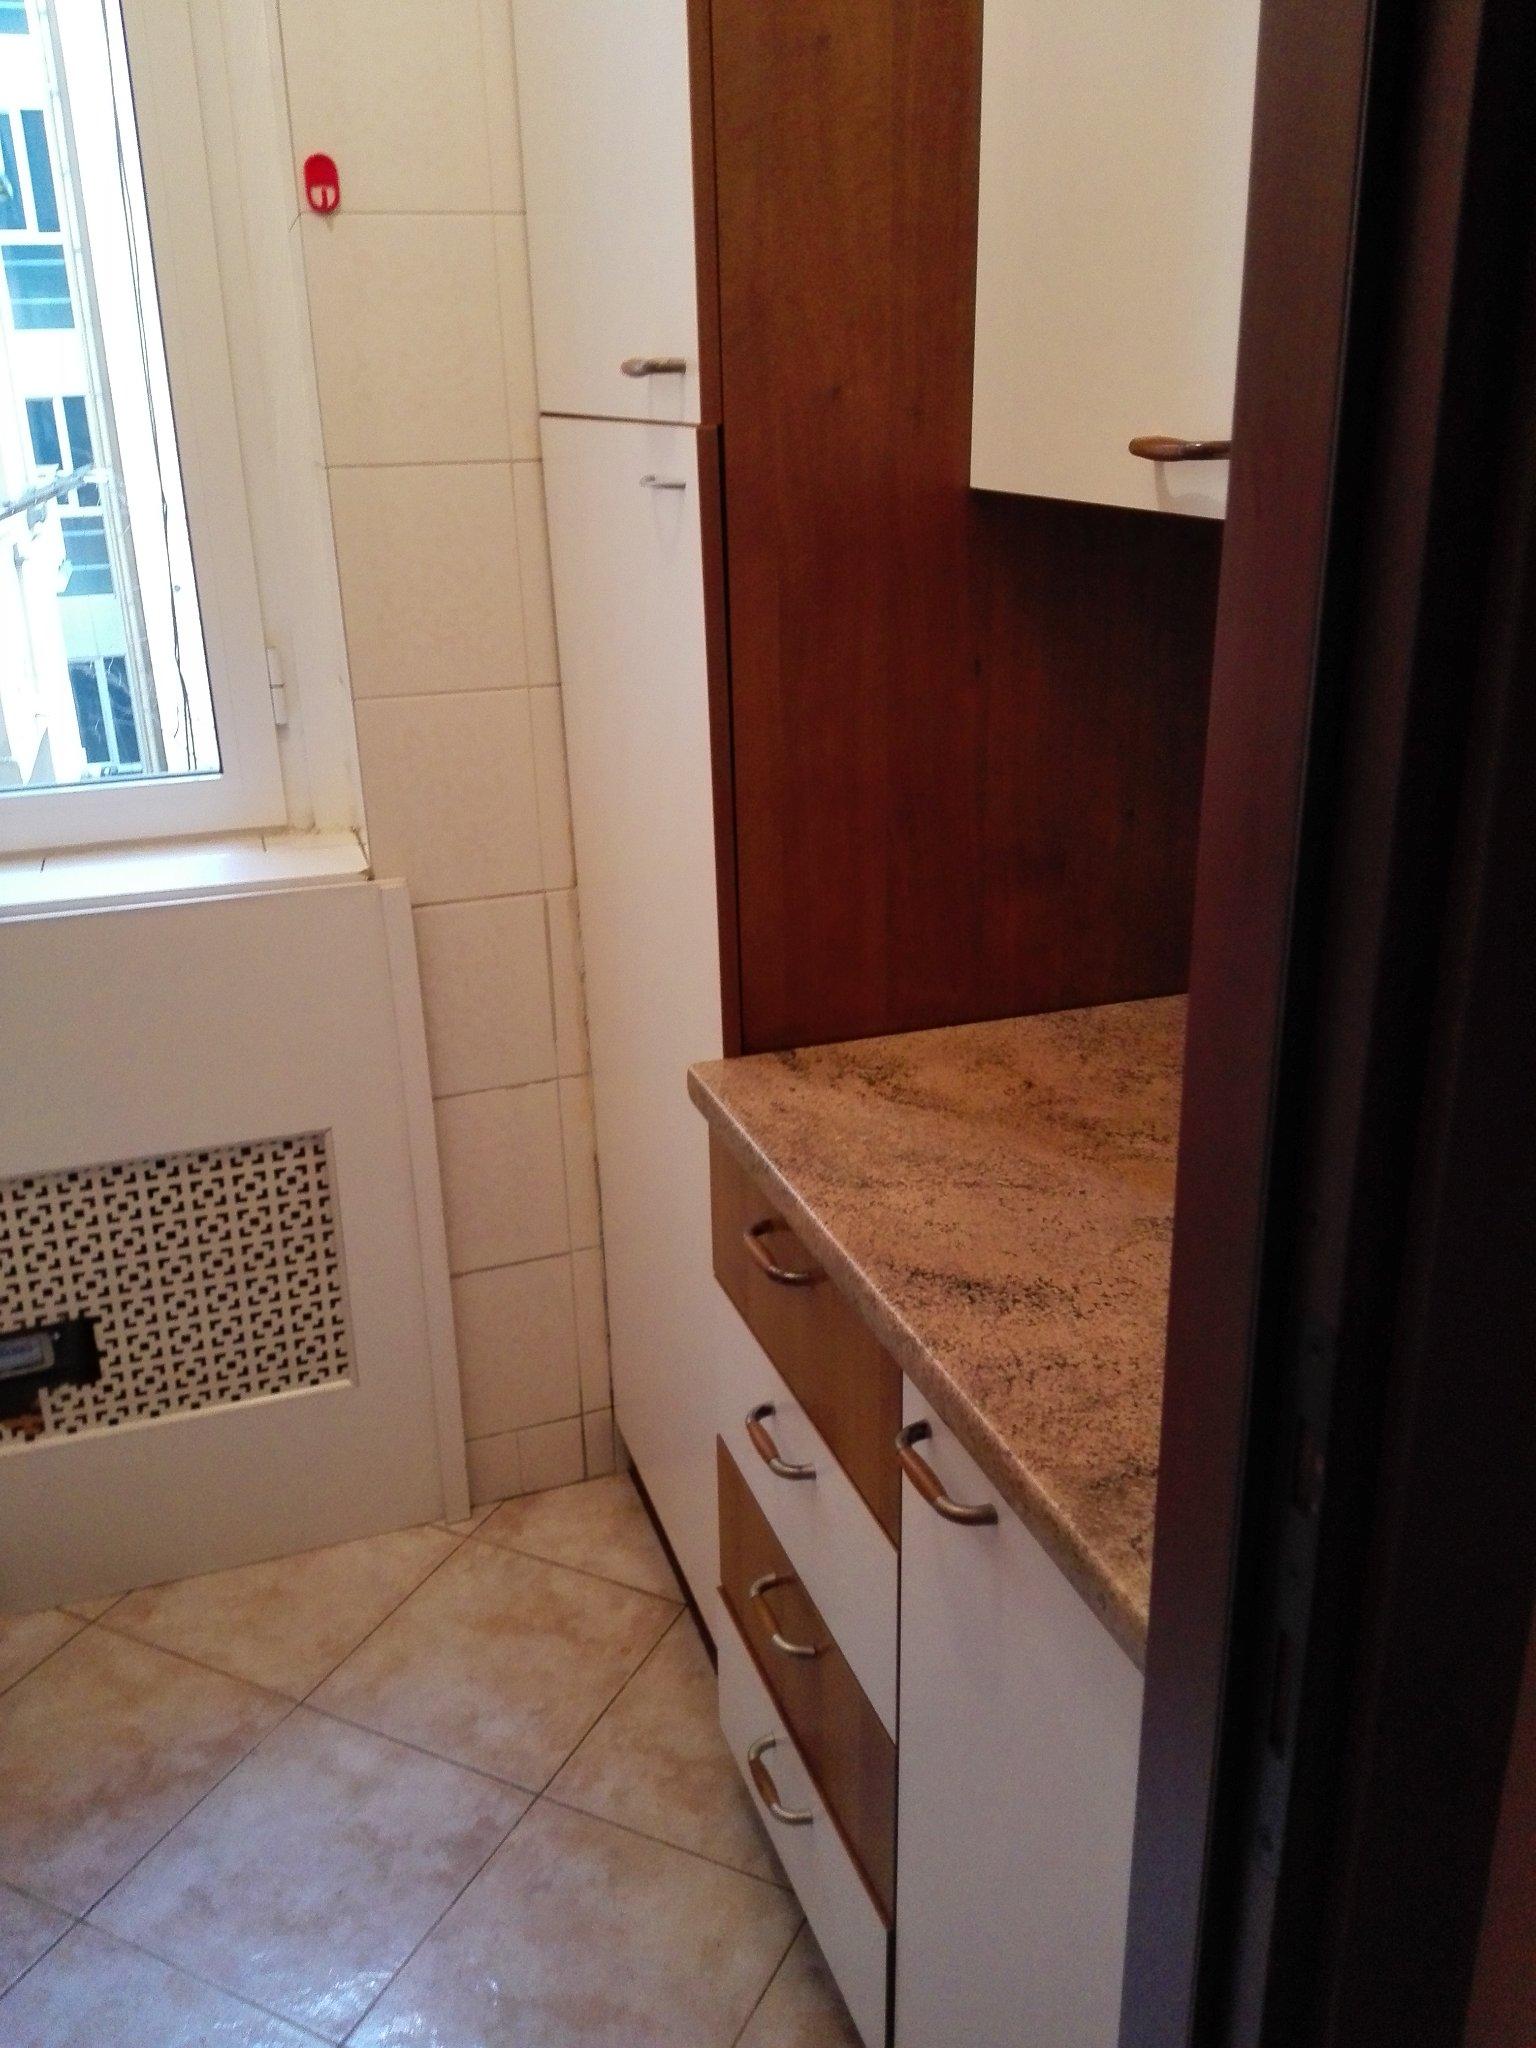 Smantellamento cucina rimozione piastrelle e posa nuove piastrelle instapro - Posa piastrelle cucina ...